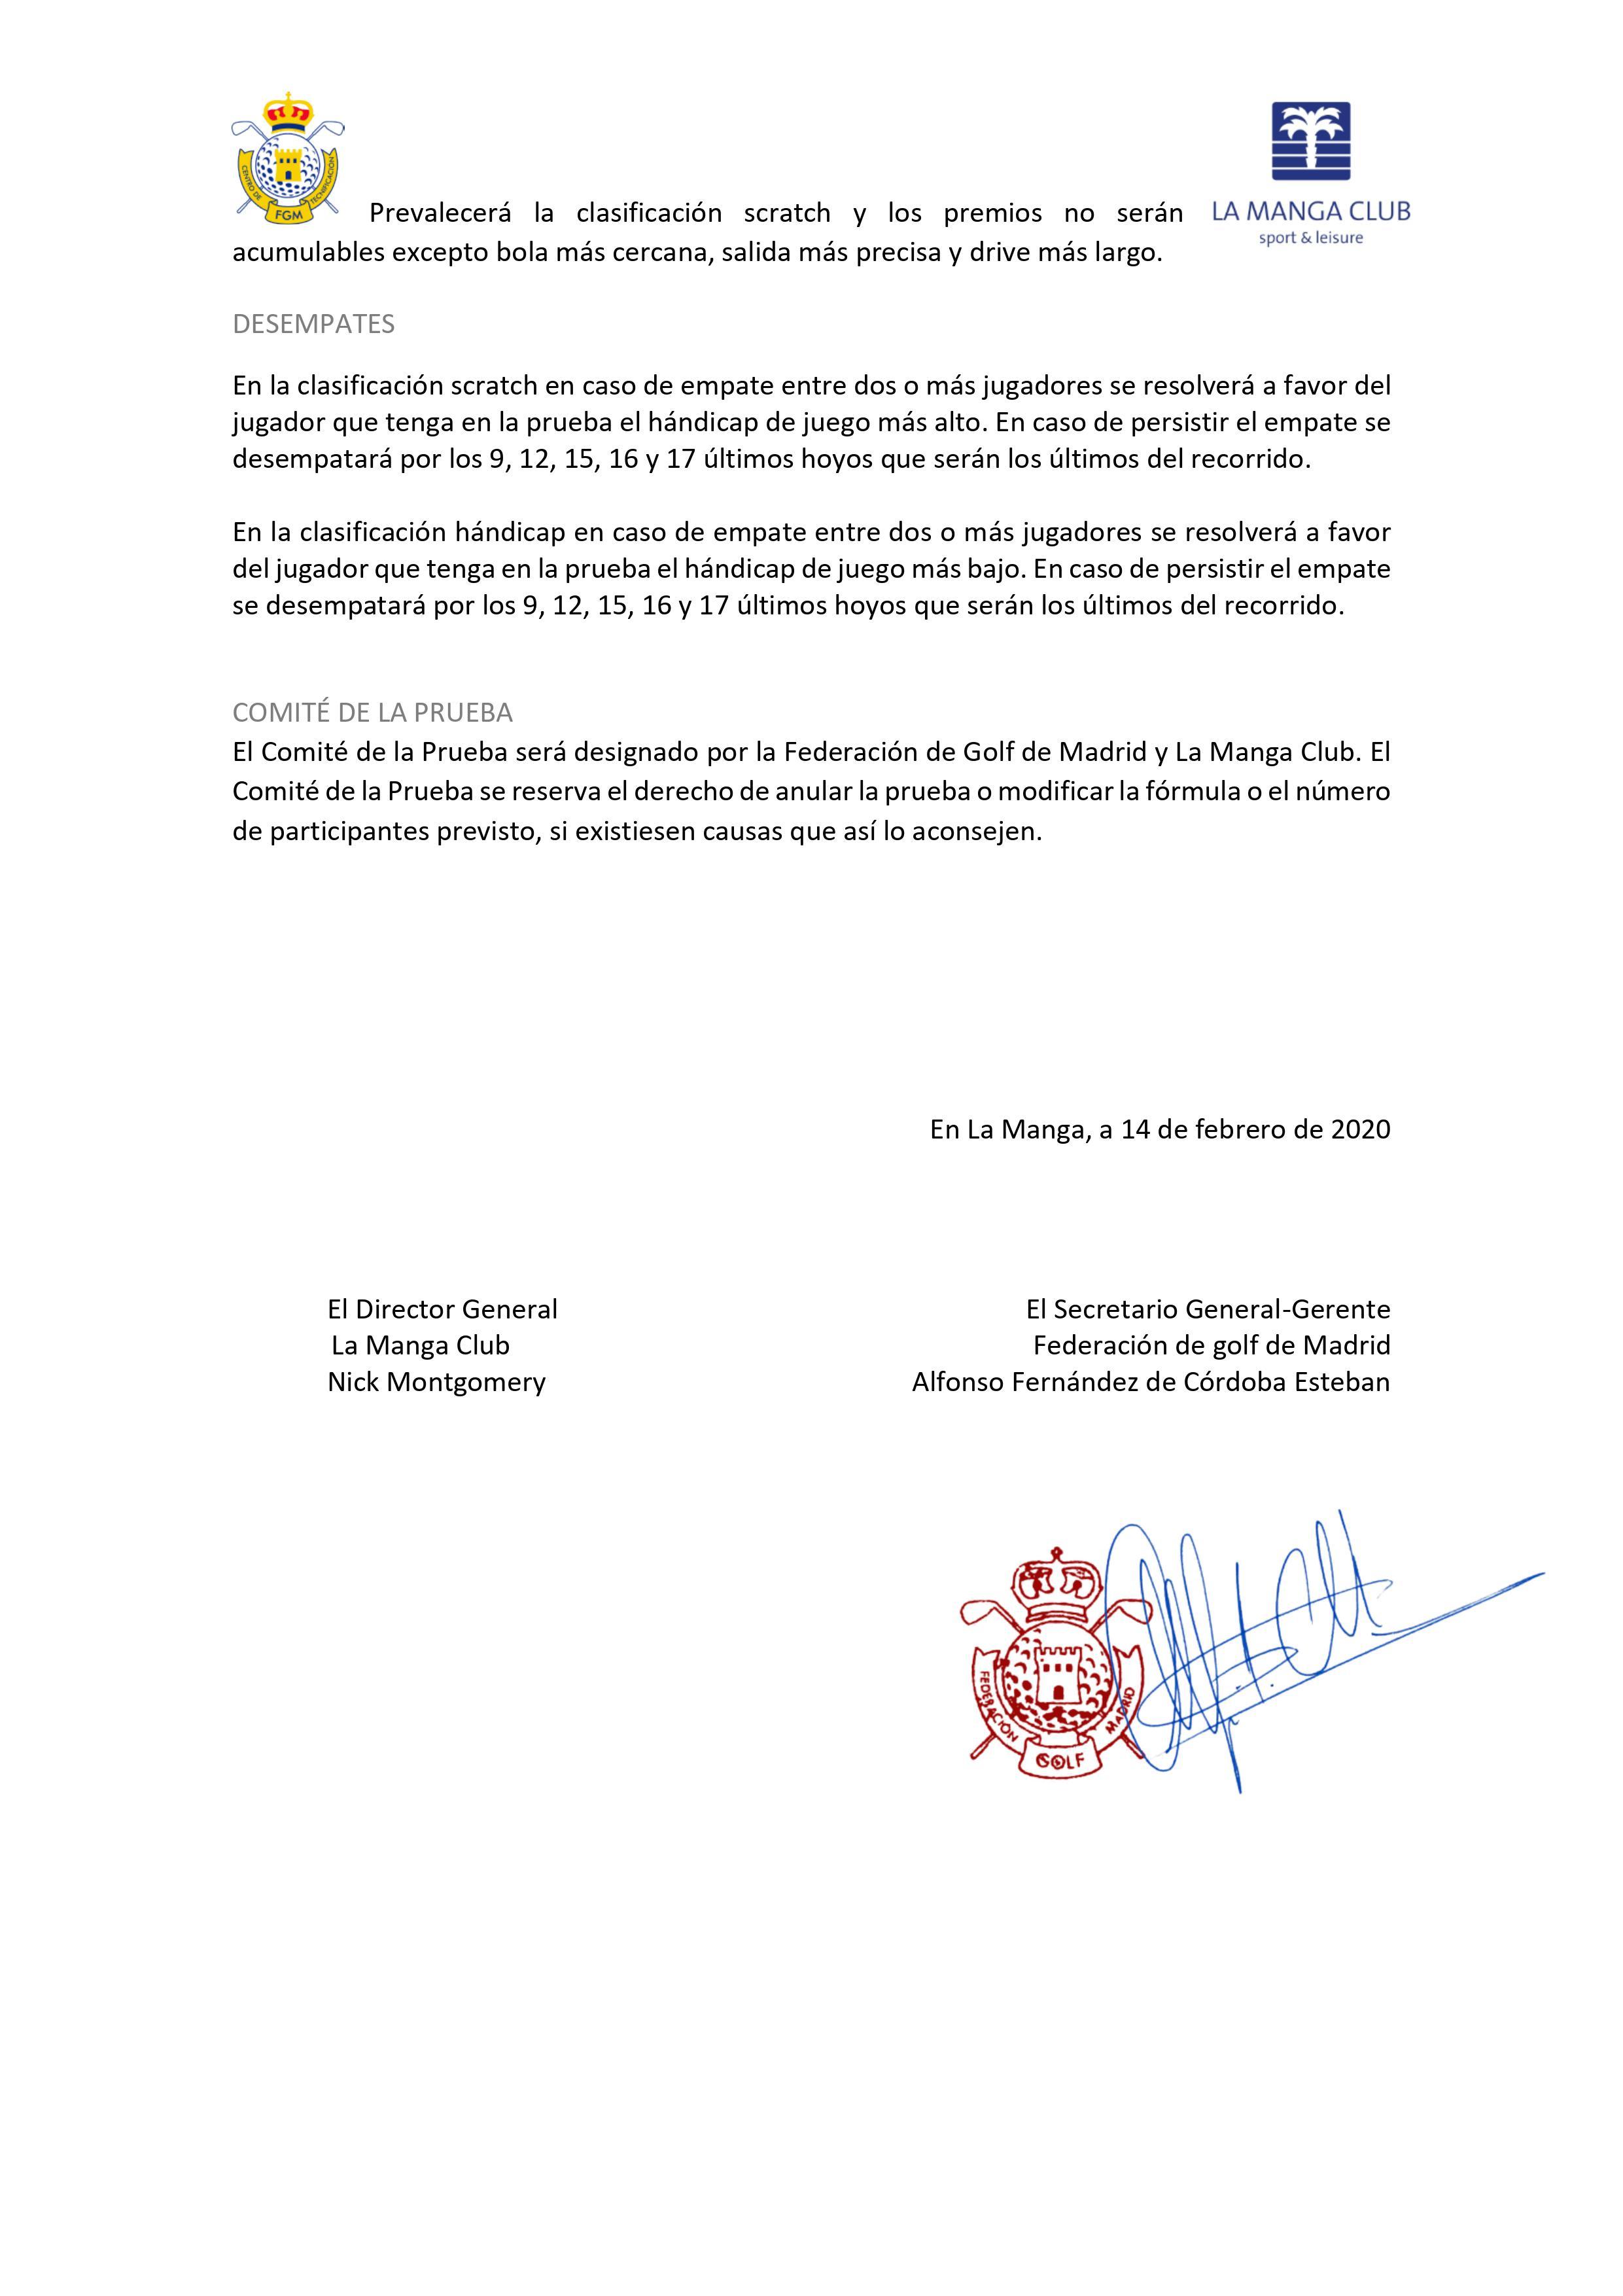 200503 May, Reglamento (3)